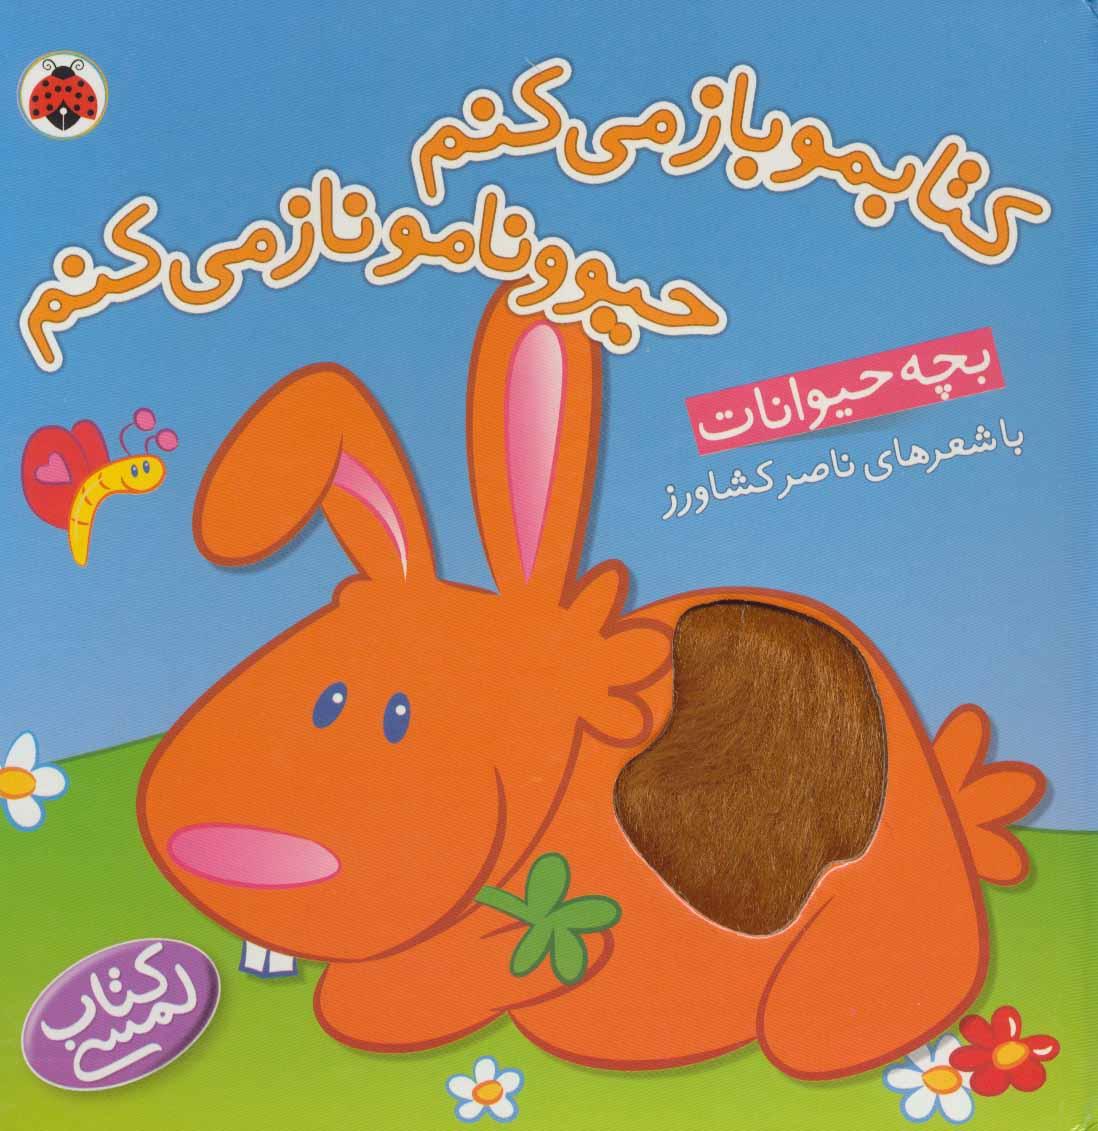 کتابمو باز می کنم حیوونامو ناز می کنم (بچه حیوانات)،(گلاسه)